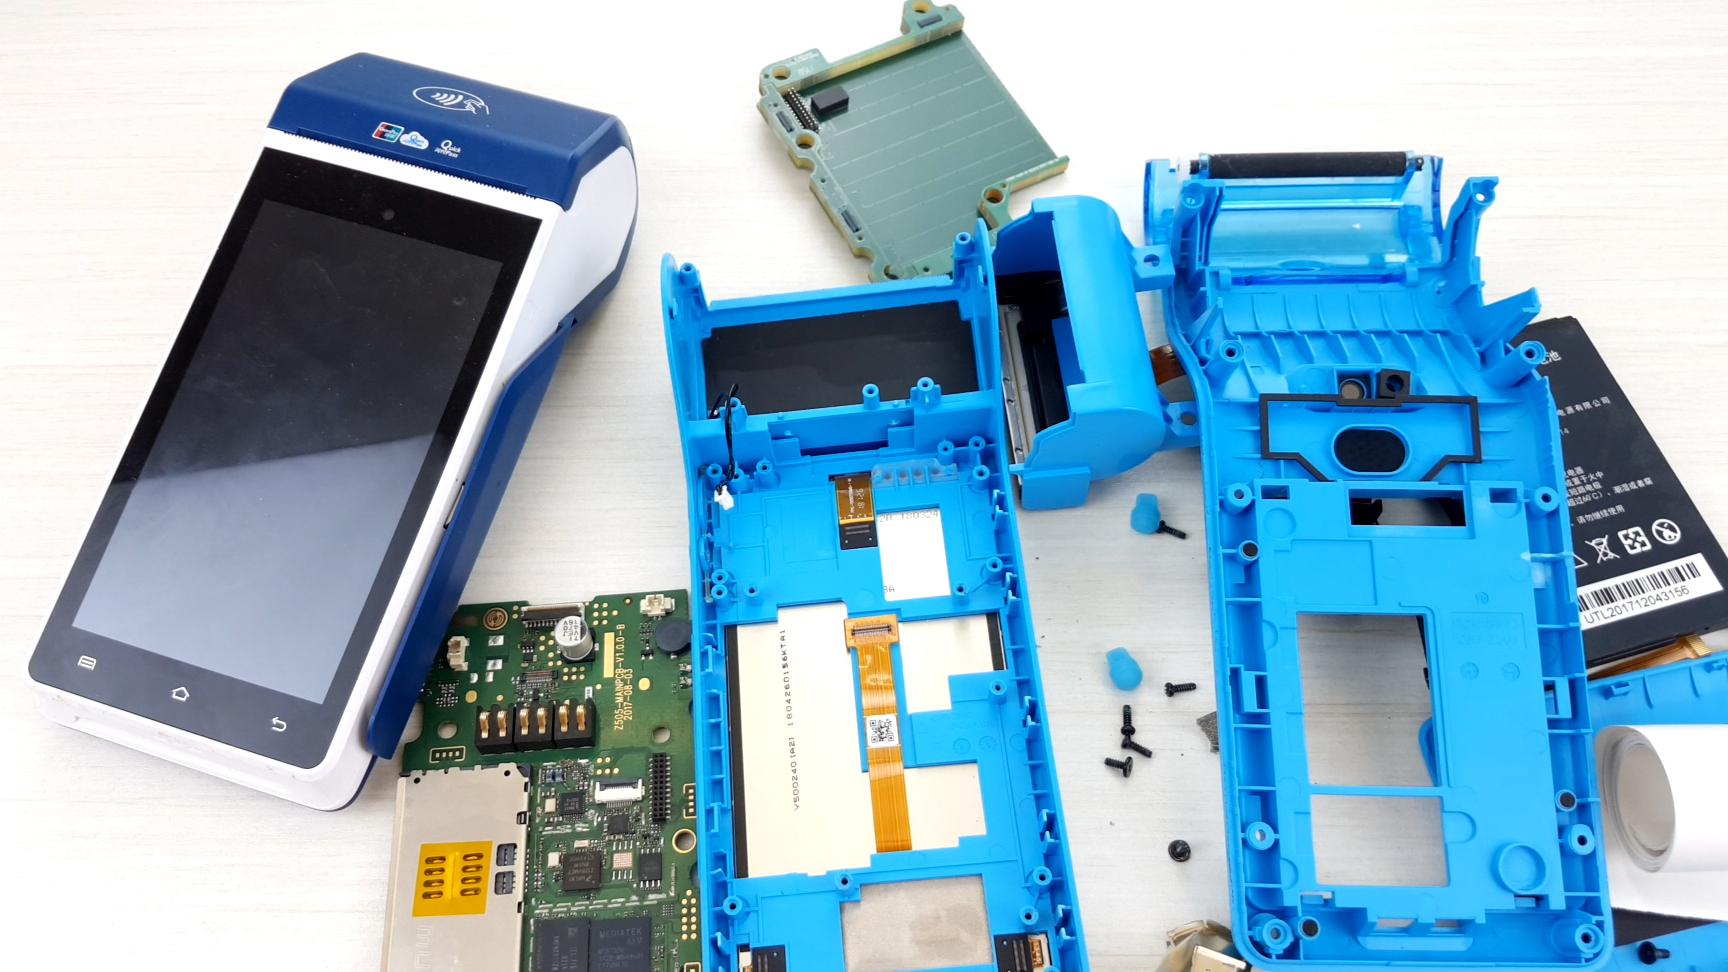 我们去超市结账时使用的POS机,拆开后才发现和安卓手机大同小异